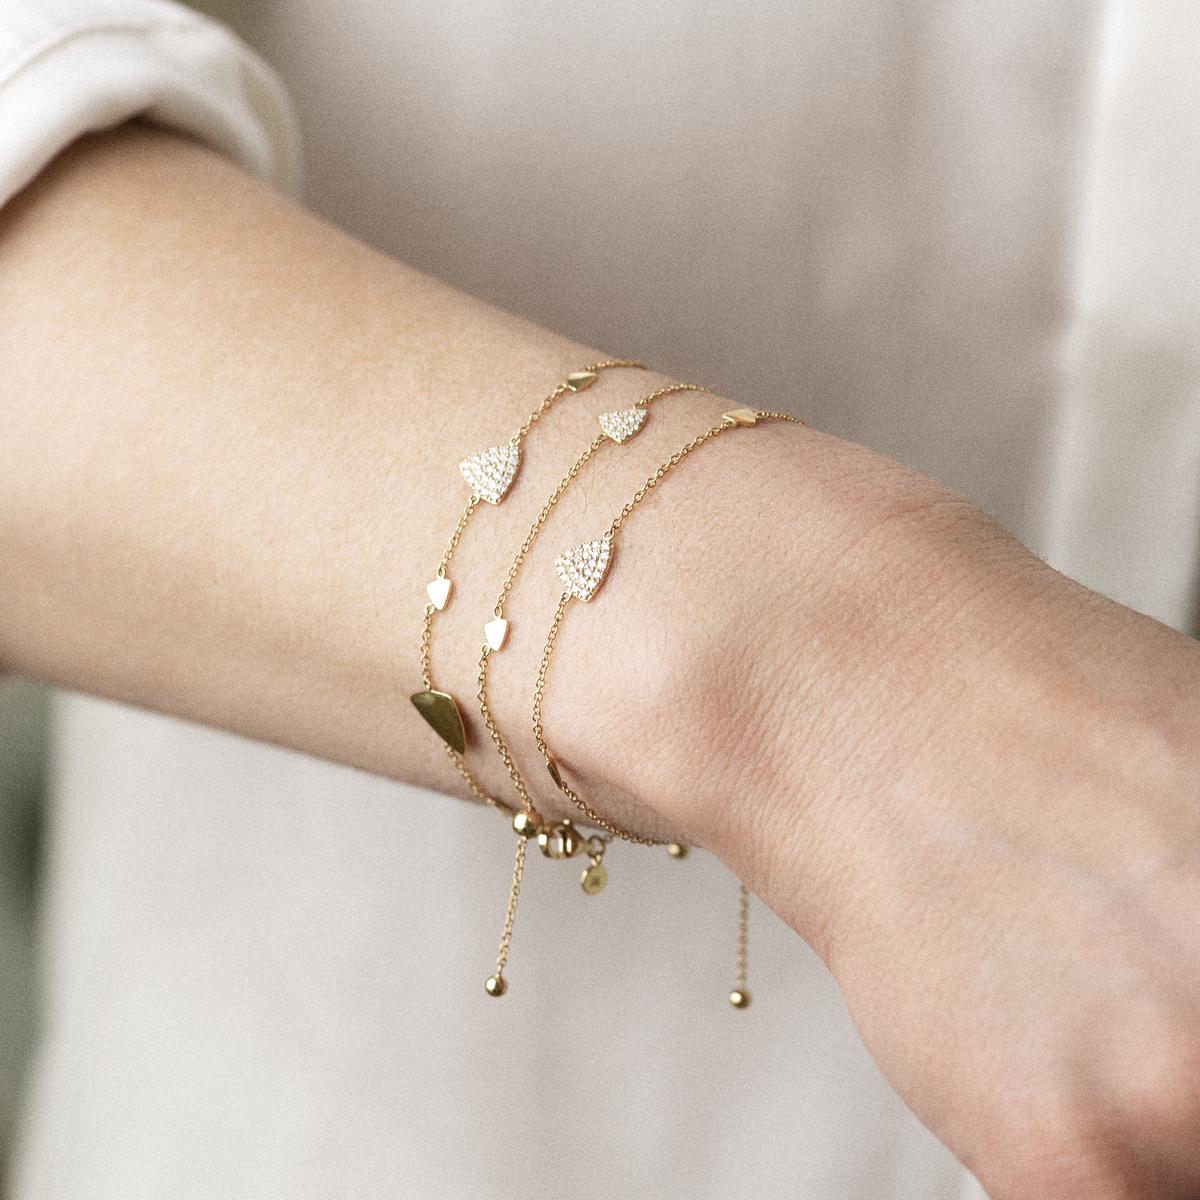 eolo bracelet in white gold